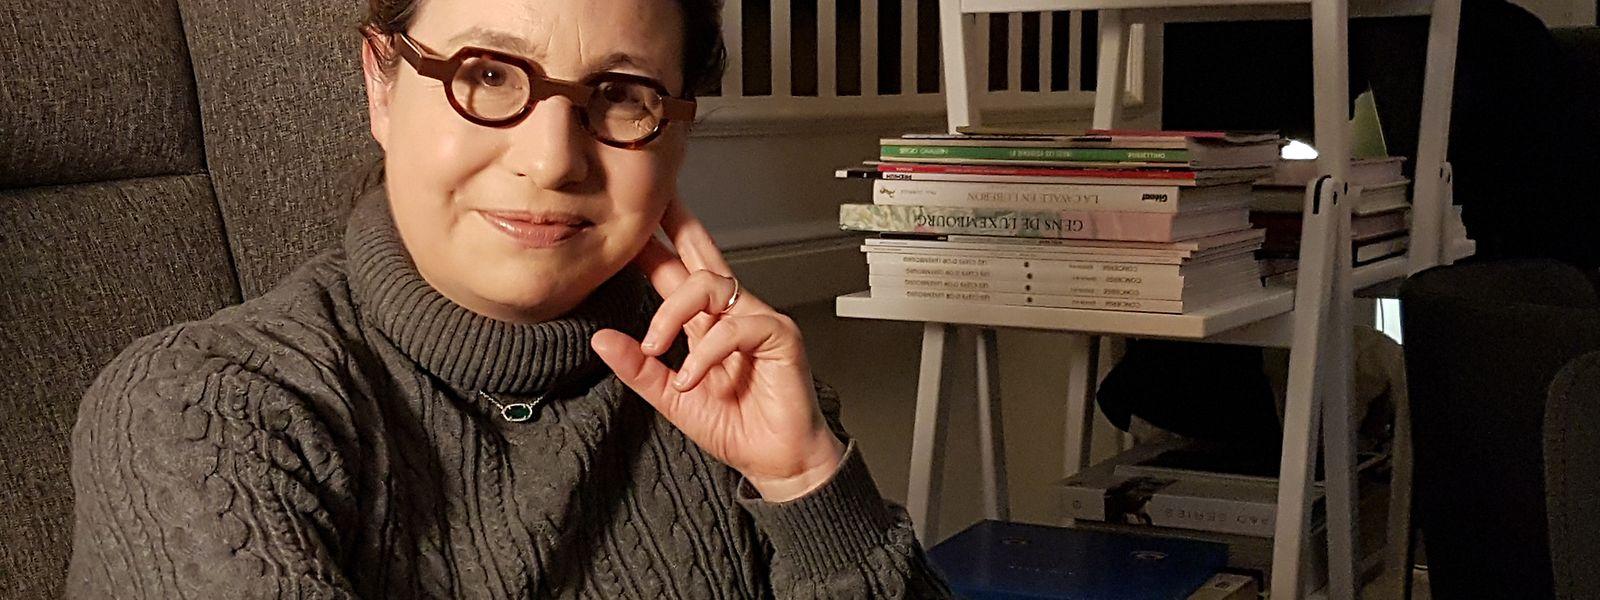 Nathalie Jacoby wird an der Spitze des nationalen Literaturzentrums das literarische Erbe Luxemburgs verwalten.